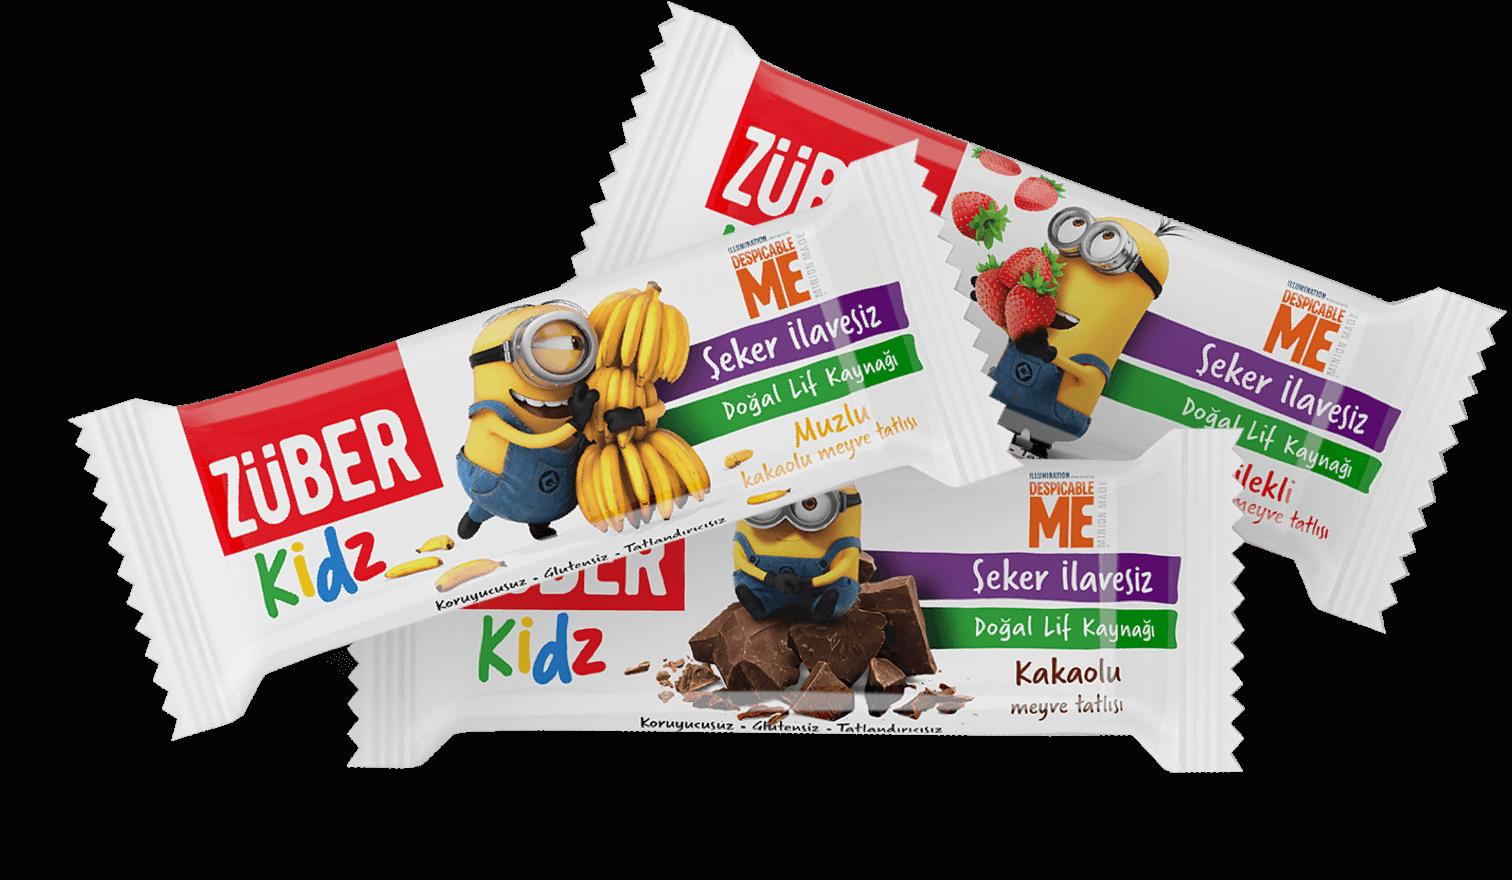 Züber Kidz çocuklar için atıştırmalığın en sağlıklı hali